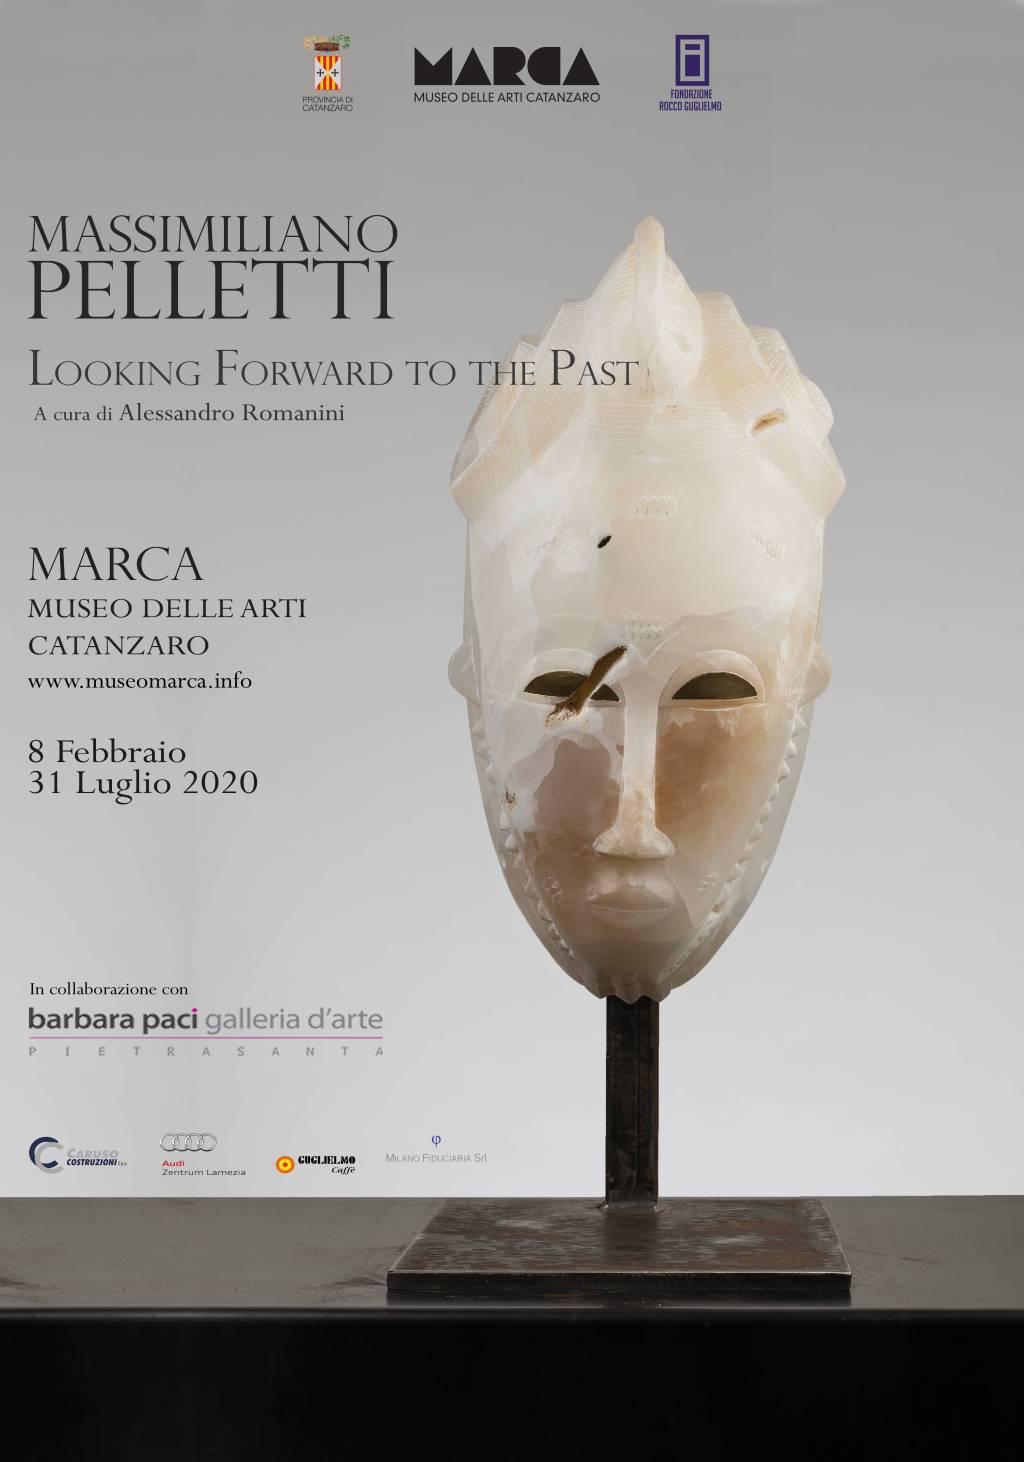 Massimiliano Pelletti - Looking forward to the Past - MARCA Catanzaro